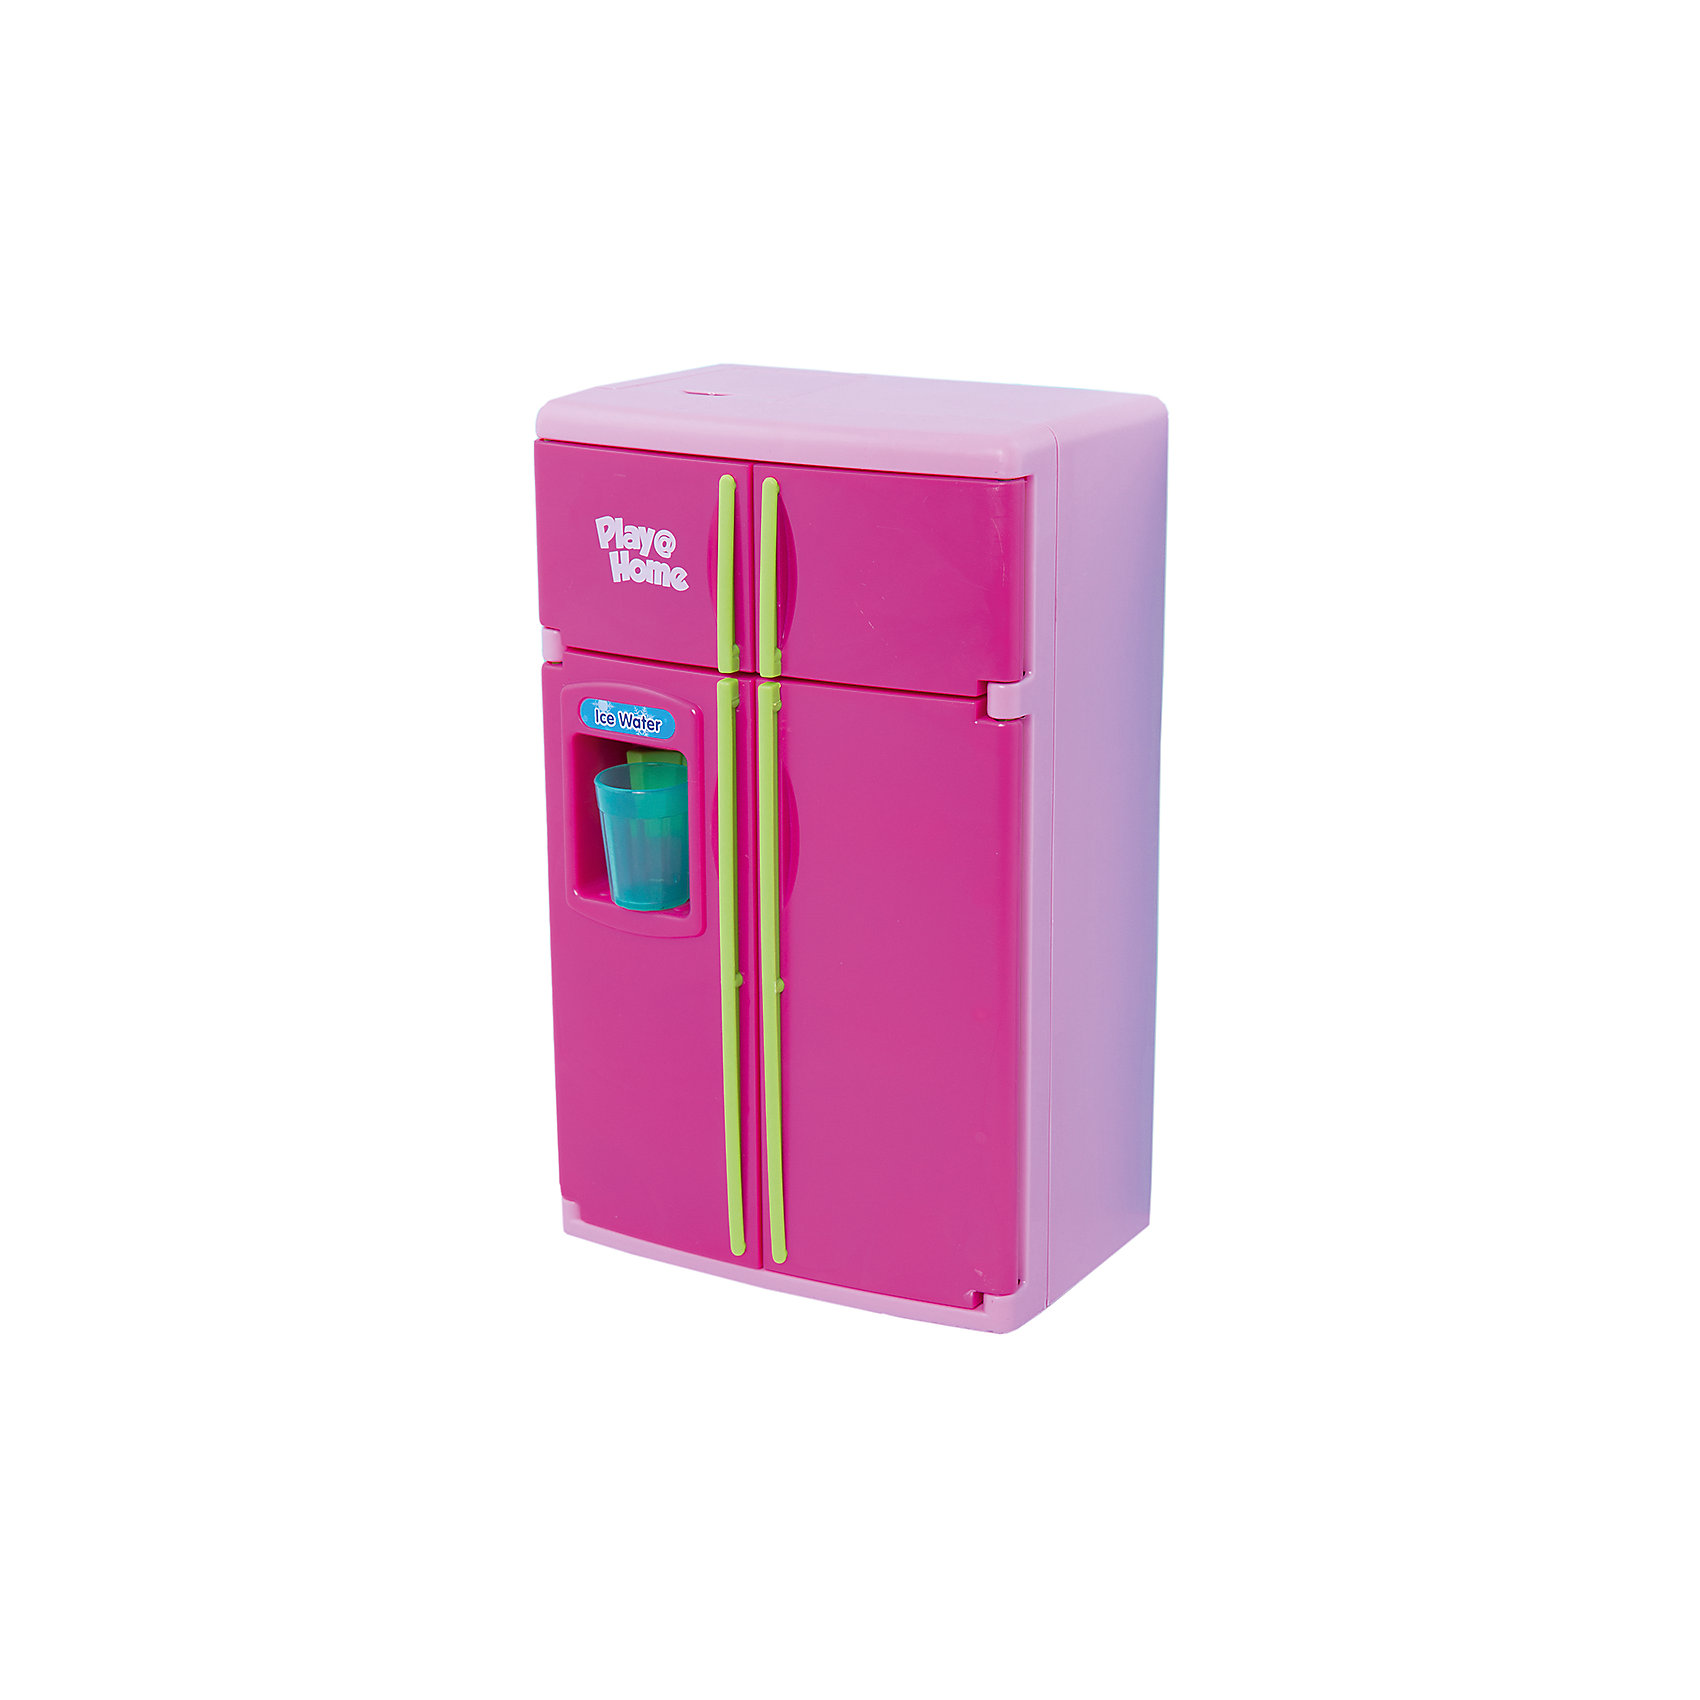 Холодильник, KeenwayВместительный двустворчатый холодильник выглядит как настоящий что, несомненно, порадует любую девочку. Полочки холодильника вынимаются, есть морозильная камера, при открывании дверок загорается свет. В холодильнике есть множество продуктов и даже специальное устройство для холодной воды: поднесите стакан, надавите им на рычаг, и вы услышите звук наливающейся воды.   Игрушка выполнена из высококачественного пластика, не имеют острых углов, безопасна для детей. Игровые наборы Маленькая хозяюшка развивают социальные навыки, прививают у ребенка любовь к труду. <br><br>Дополнительная информация:<br><br>- Комплектация: холодильник, 4 съемные полочки, лоток для овощей<br>большой стакан для холодной воды, продукты (курица-гриль, 5 яиц, мясо на тарелке, торт, кочан капусты, гроздь винограда, связка бананов), 2 пластиковых пакета (молоко и сок), 7 пластиковых бутылочек с соусами и напитками<br>- Размер: 29 х 14 х 32 см.<br>- Световые, звуковые эффекты.<br>- Элемент питания: 3 батарейки типа АА (в комплекте).<br><br>Холодильник, Keenway, можно купить в нашем магазине.<br><br>Ширина мм: 108<br>Глубина мм: 254<br>Высота мм: 381<br>Вес г: 1881<br>Возраст от месяцев: 36<br>Возраст до месяцев: 84<br>Пол: Женский<br>Возраст: Детский<br>SKU: 4345024